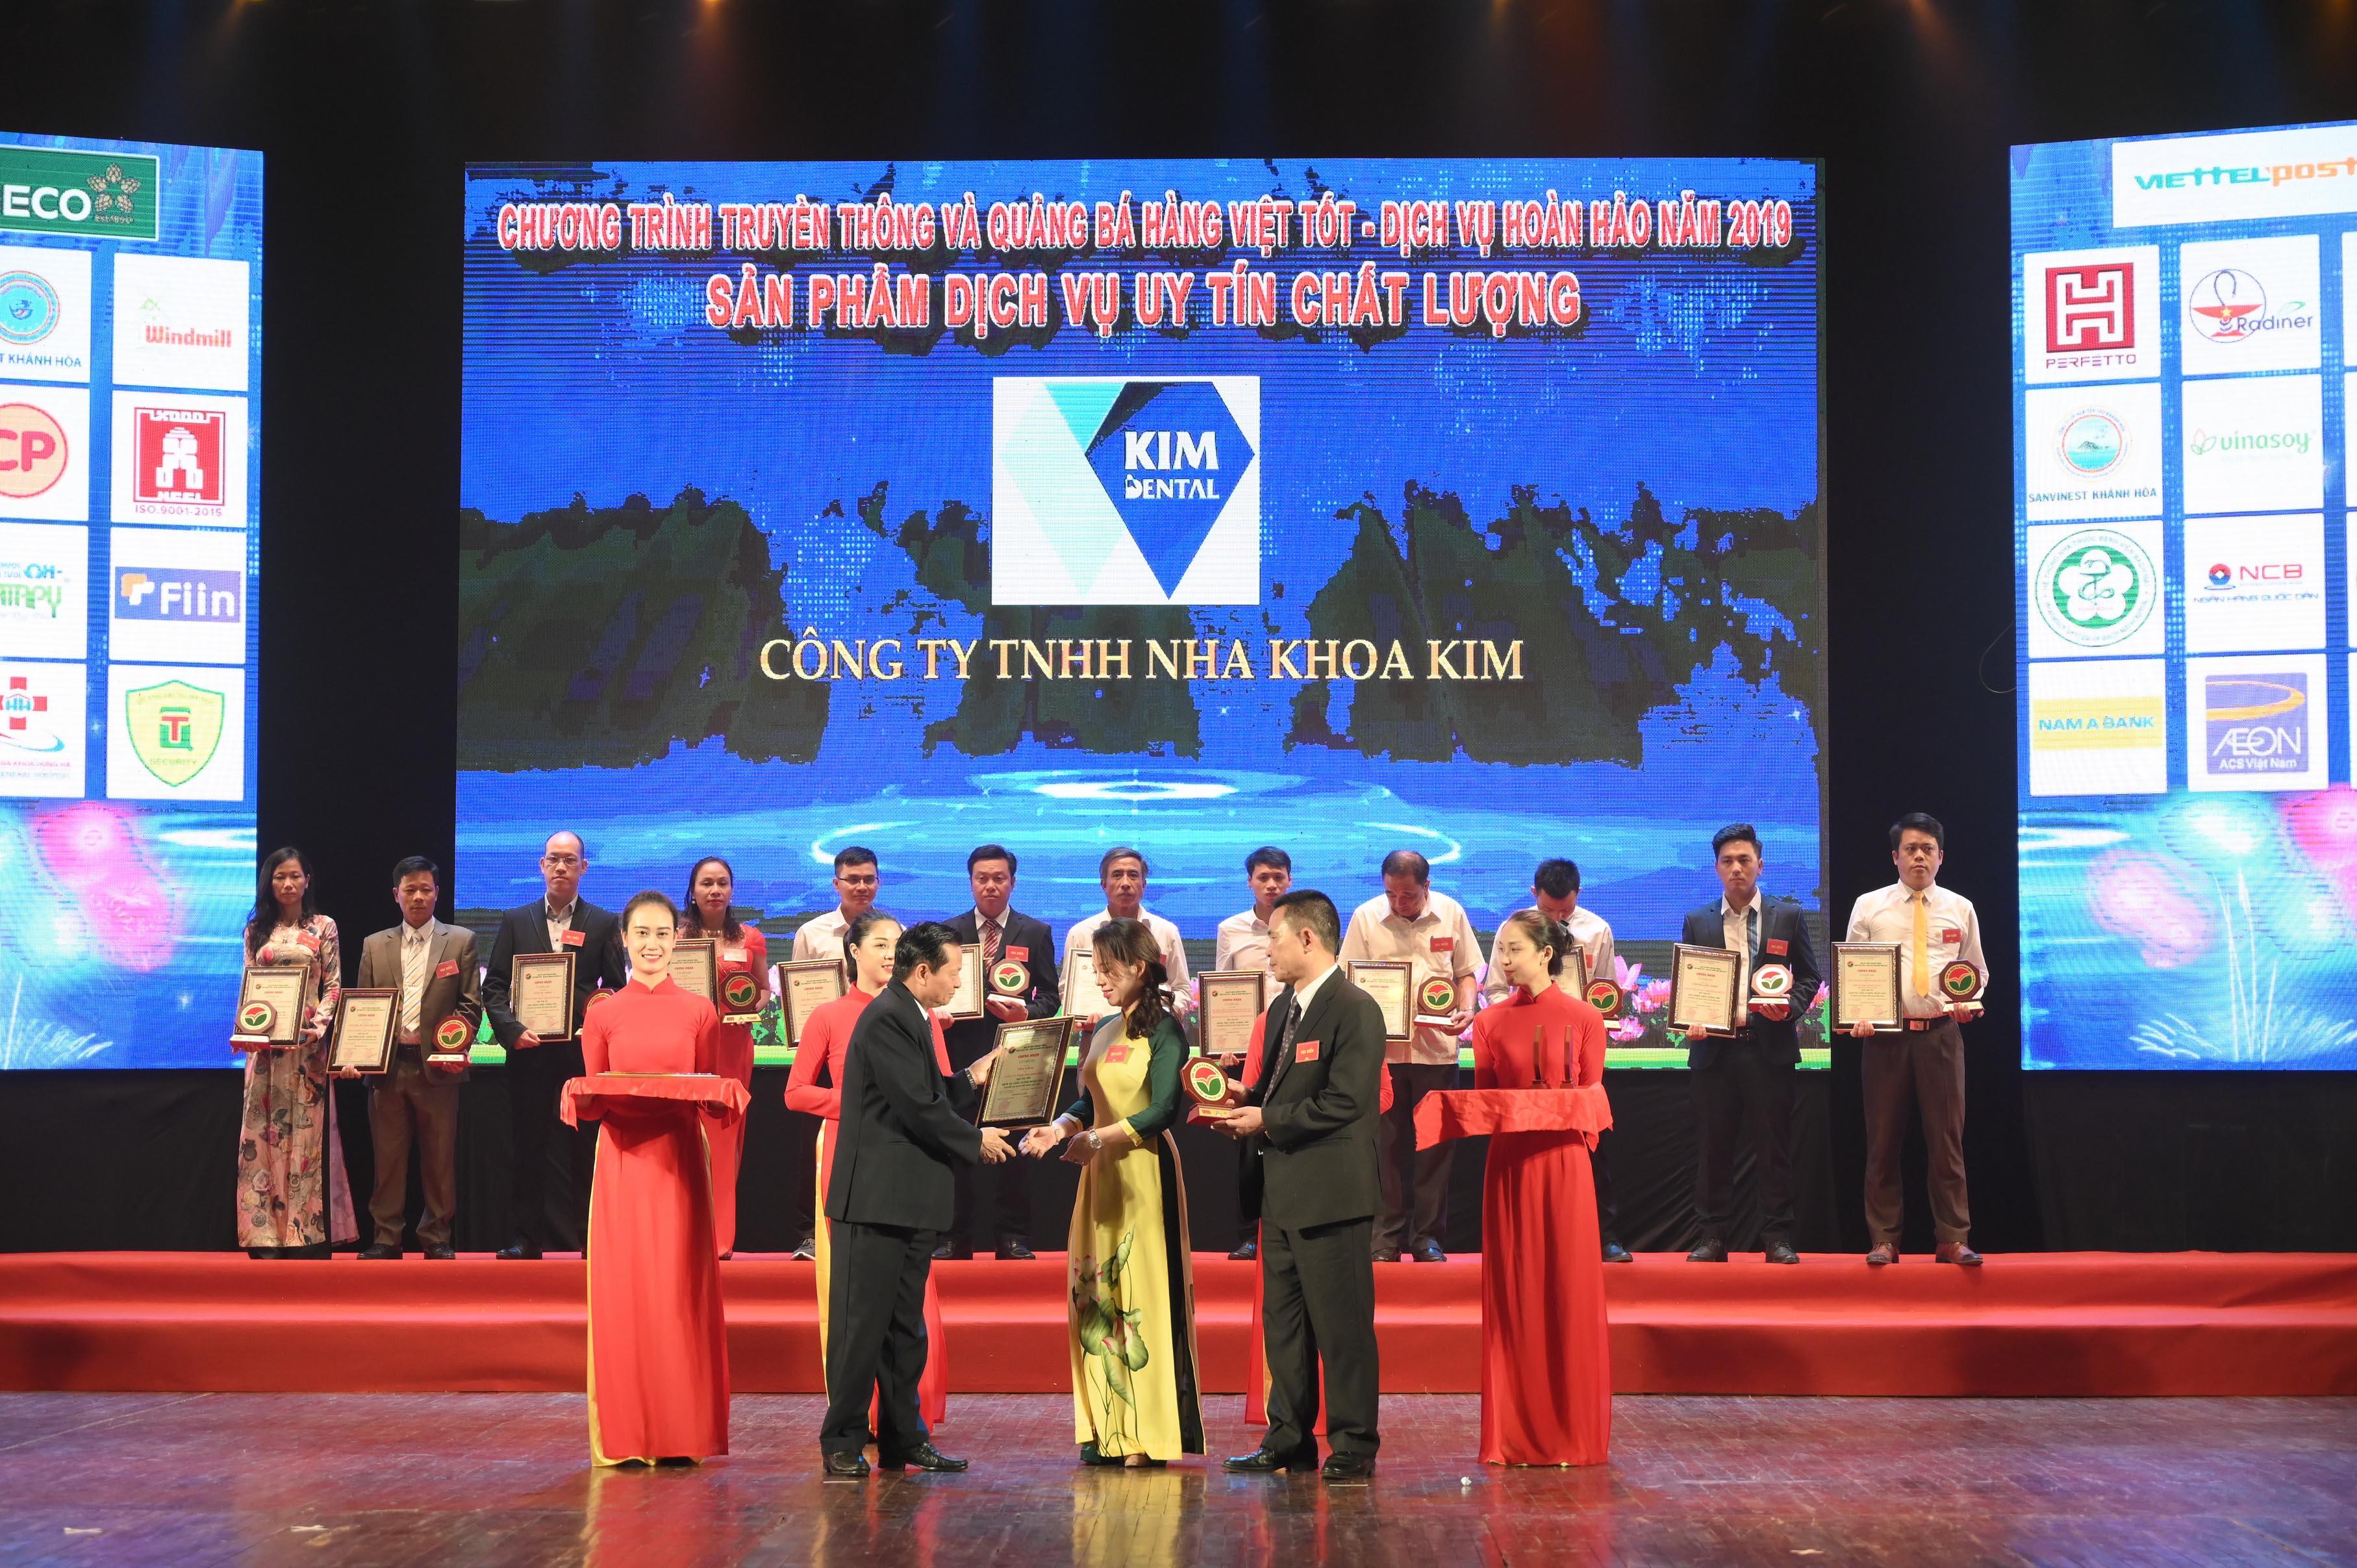 Đại diện Nha khoa Kim nhận chứng nhận Top 100 Top 100 Dịch Vụ Chất Lượng Hoàn Hảo vì quyền lợi Người tiêu dùng.